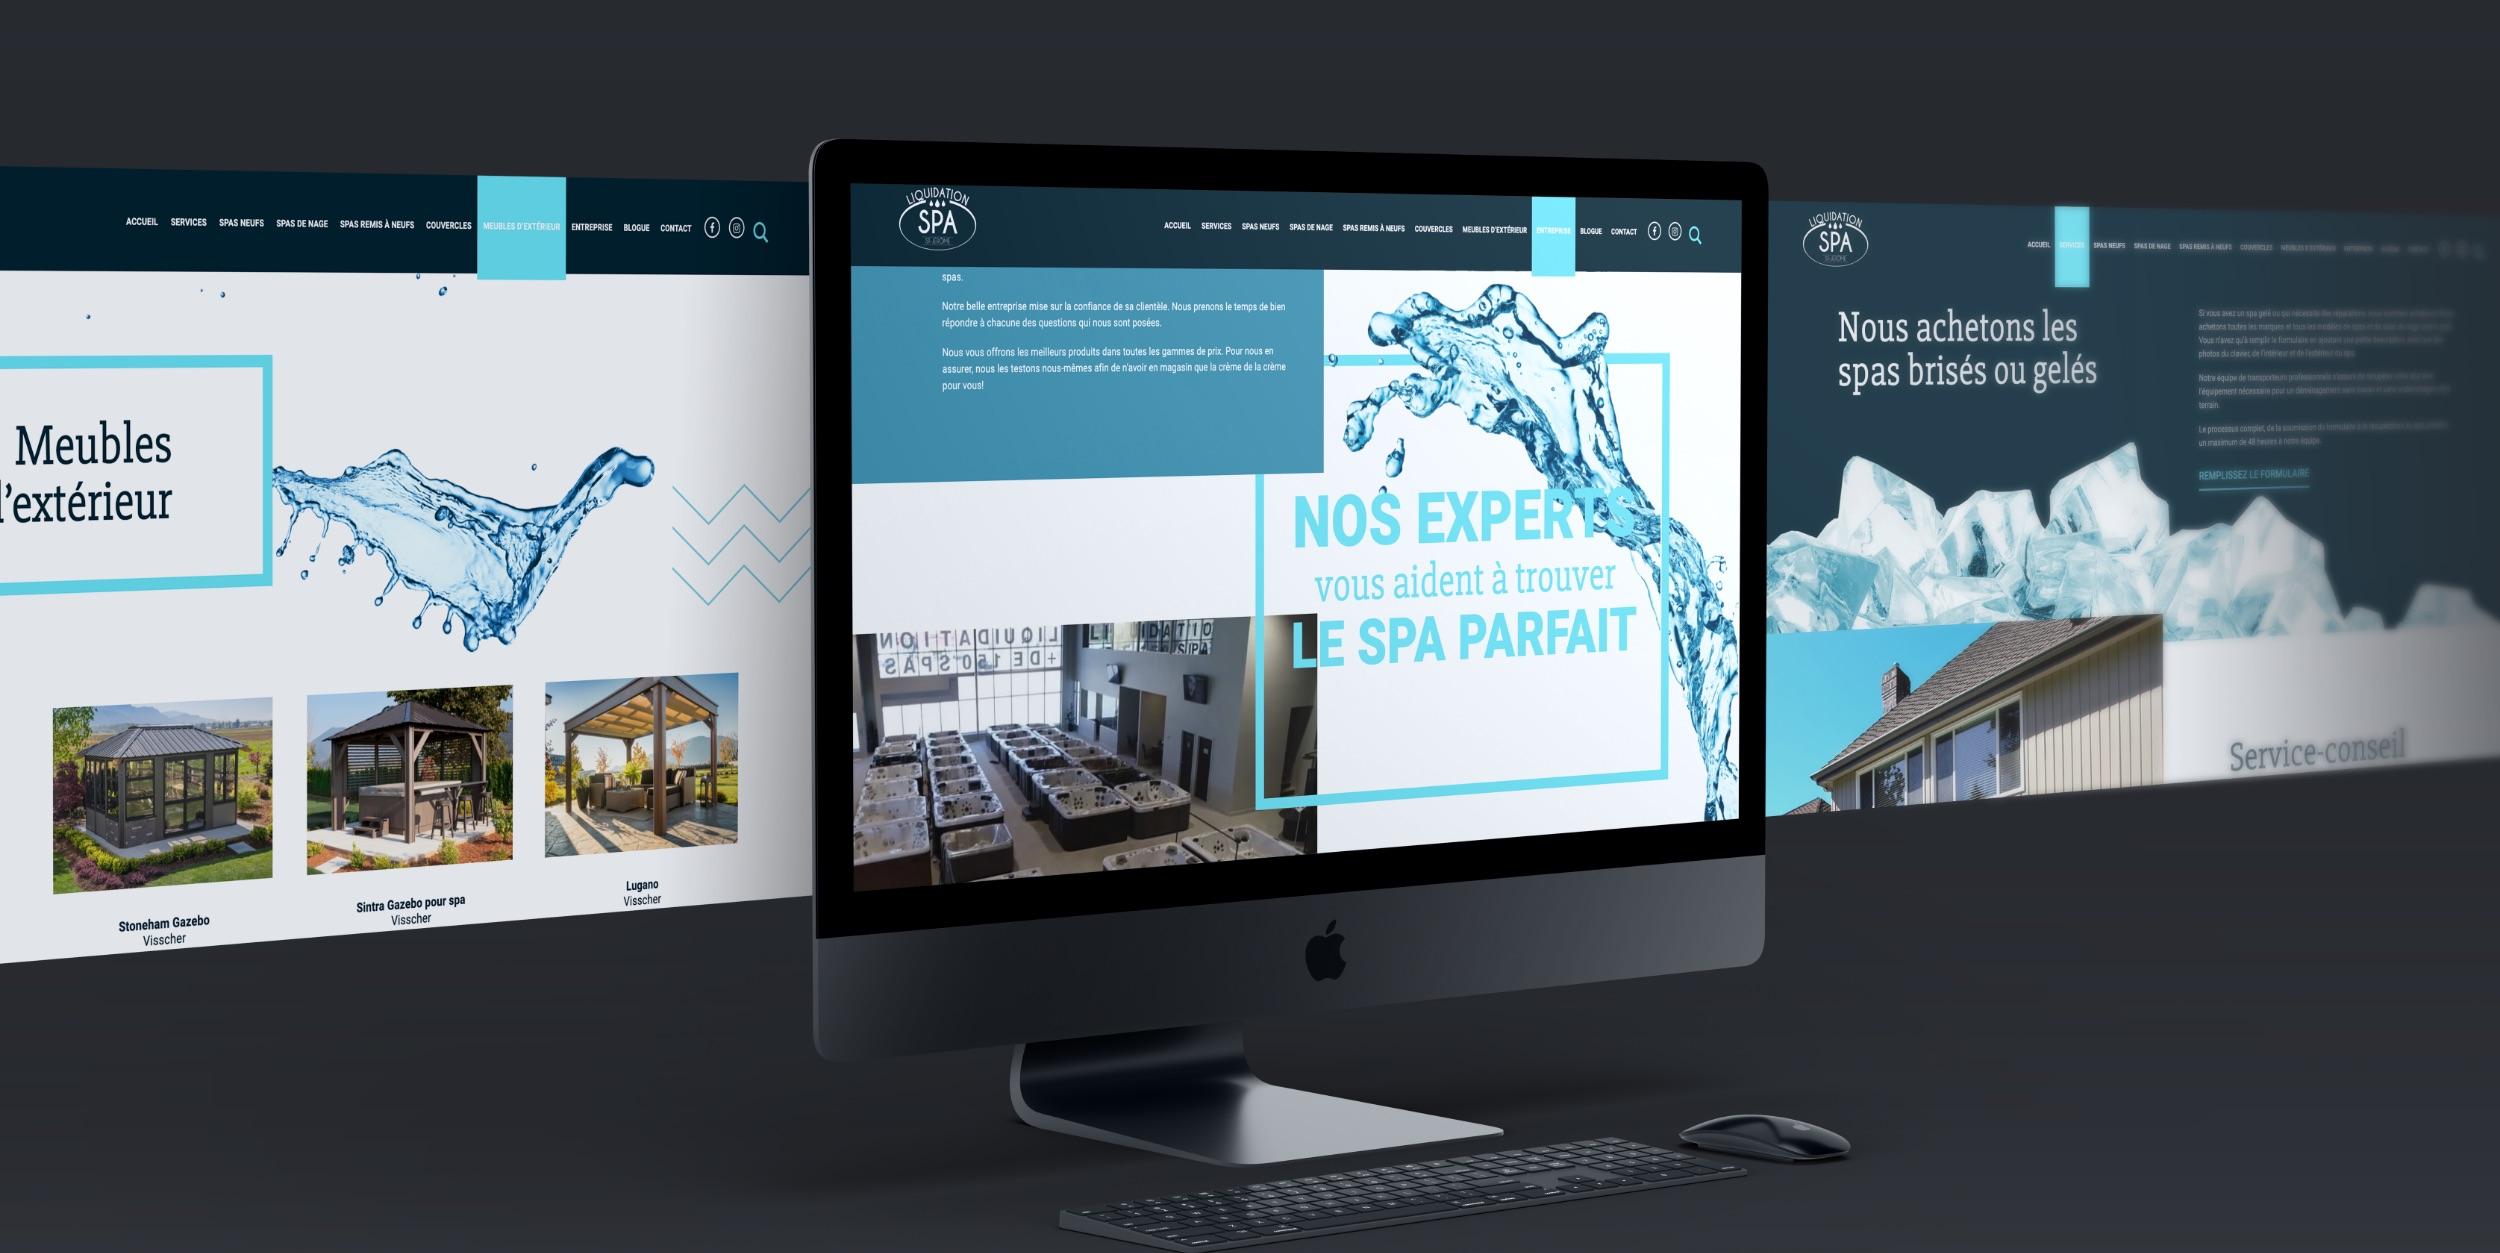 Thématique visuelle | Design intuitif | UX | Expérience Web